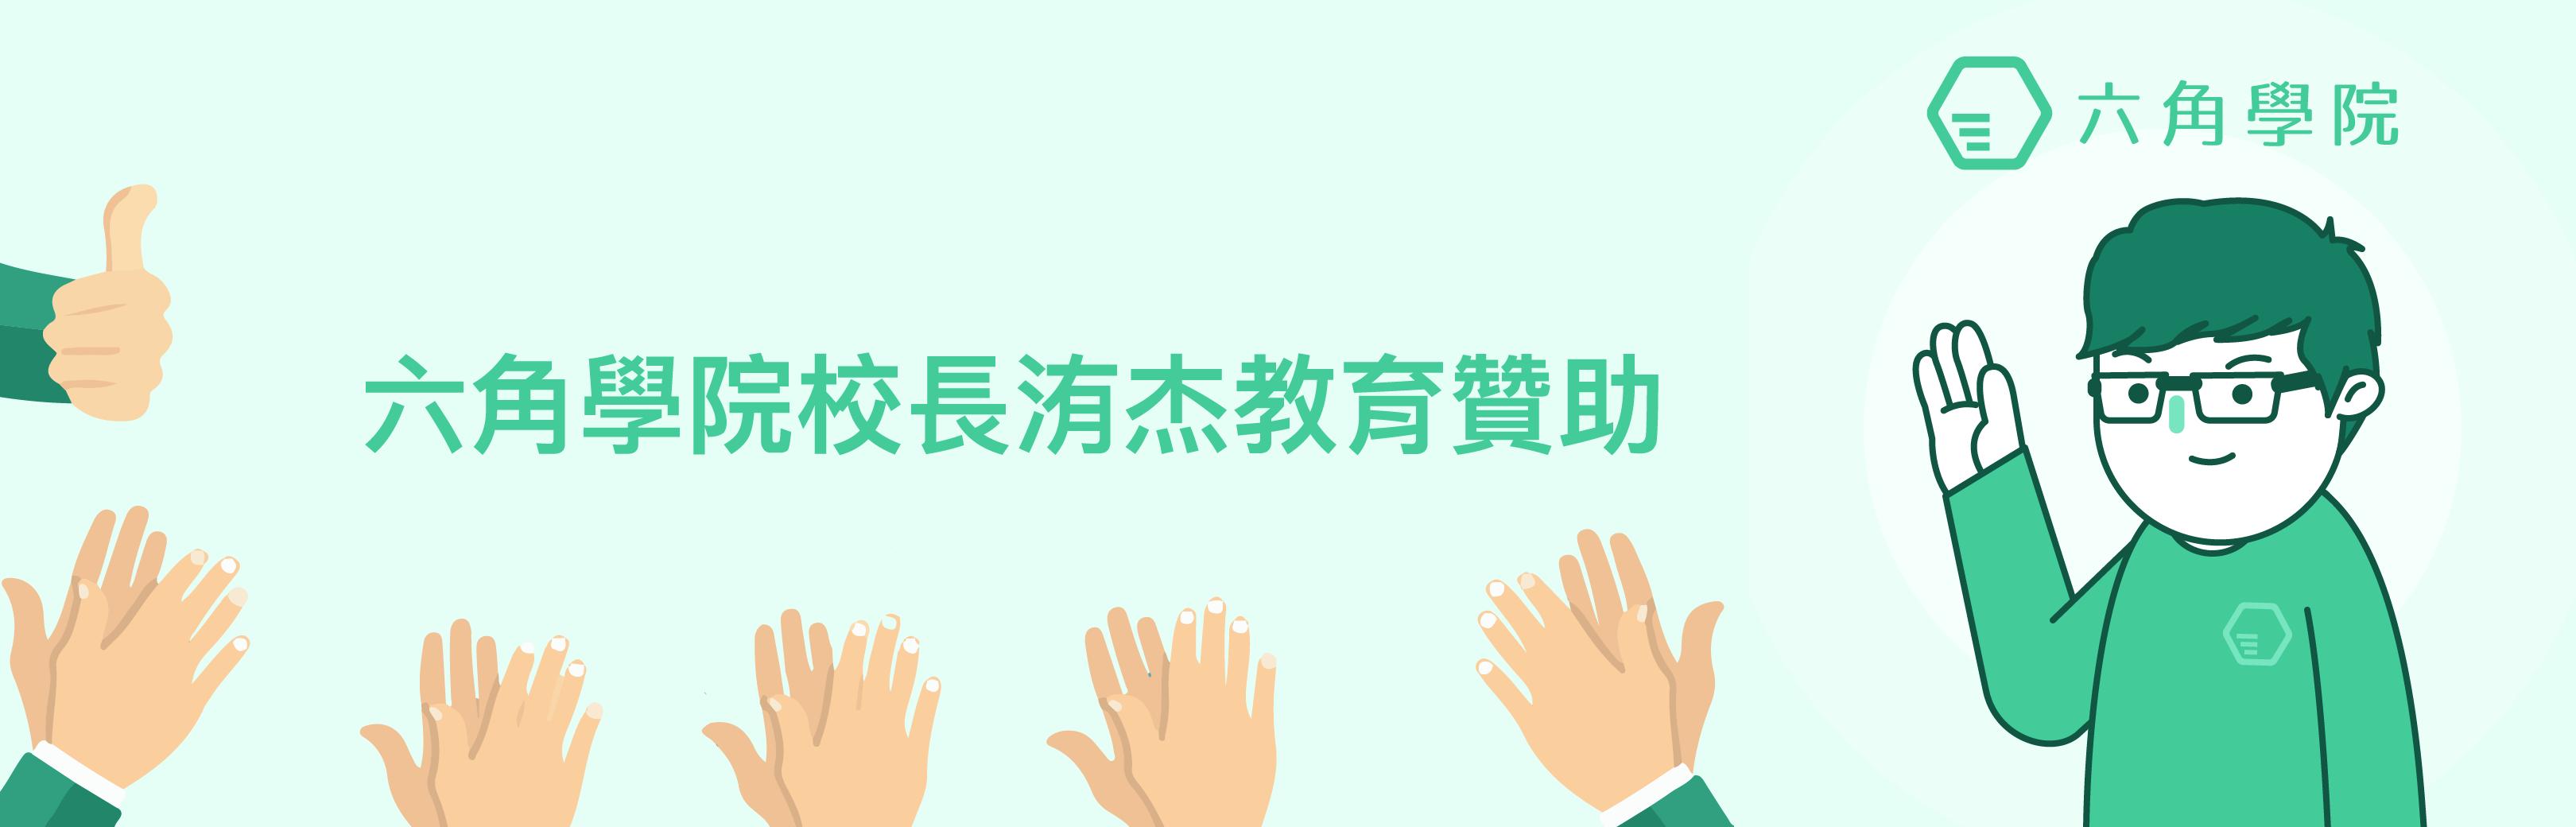 六角學院校長洧杰教育贊助